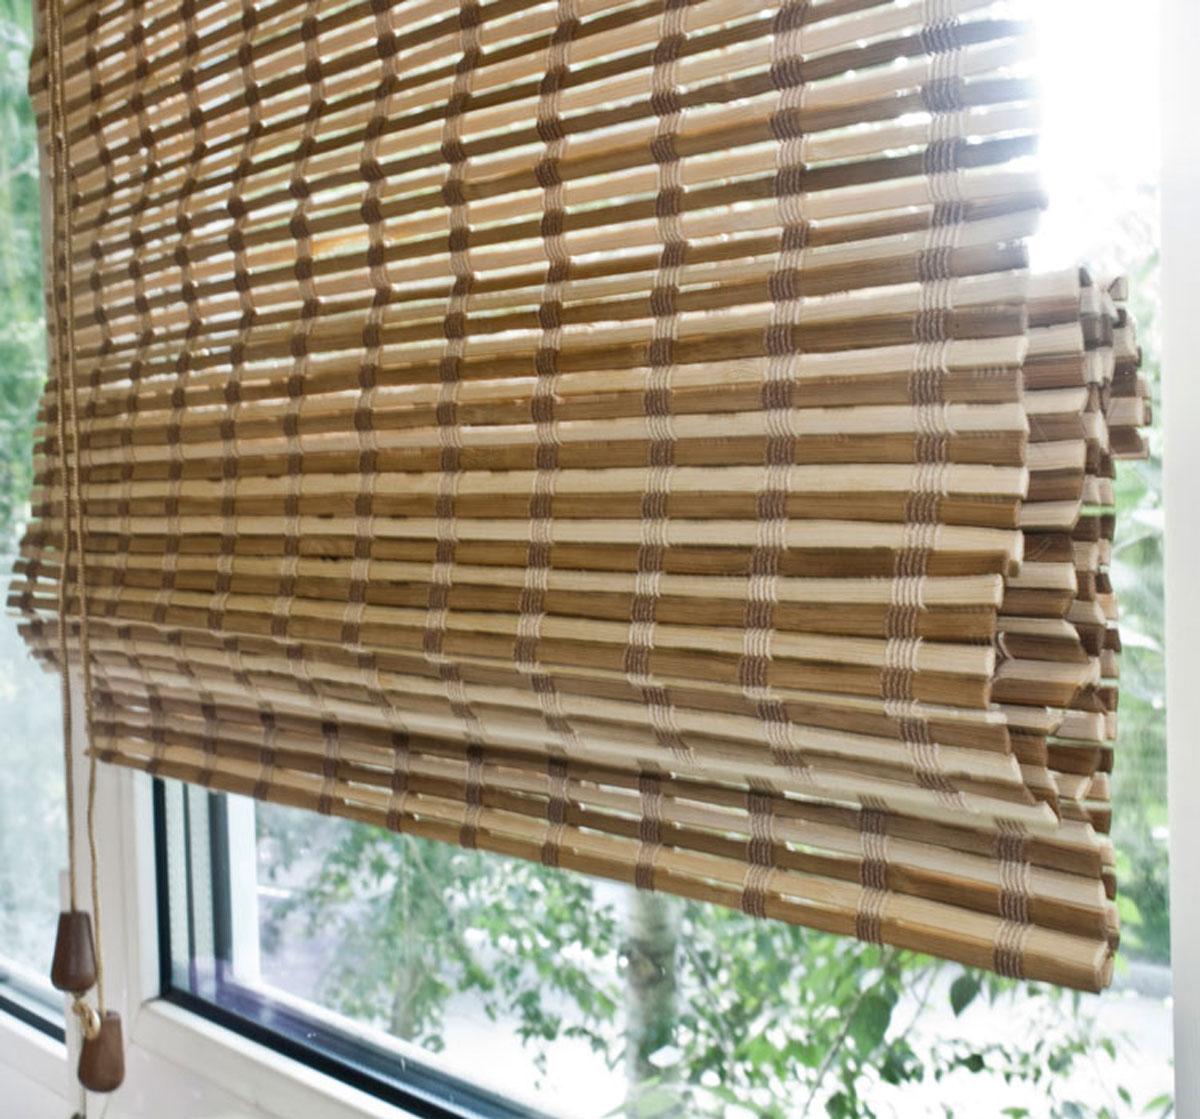 Римская штора Эскар Бамбук, цвет: микс, ширина 80 см, высота 160 см72959080160Римская штора Эскар, выполненная из натурального бамбука, является оригинальным современным аксессуаром для создания необычного интерьера в восточном или минималистичном стиле. Римская бамбуковая штора, как и тканевая римская штора, при поднятии образует крупные складки, которые прекрасно декорируют окно. Особенность устройства полотна позволяет свободно пропускать дневной свет, что обеспечивает мягкое освещение комнаты. Римская штора из натурального влагоустойчивого материала легко вписывается в любой интерьер, хорошо сочетается с различной мебелью и элементами отделки. Использование бамбукового полотна придает помещению необычный вид и визуально расширяет пространство.Бамбуковые шторы требуют только сухого ухода: пылесосом, щеткой, веником или влажной (но не мокрой!) губкой.Комплект для монтажа прилагается.